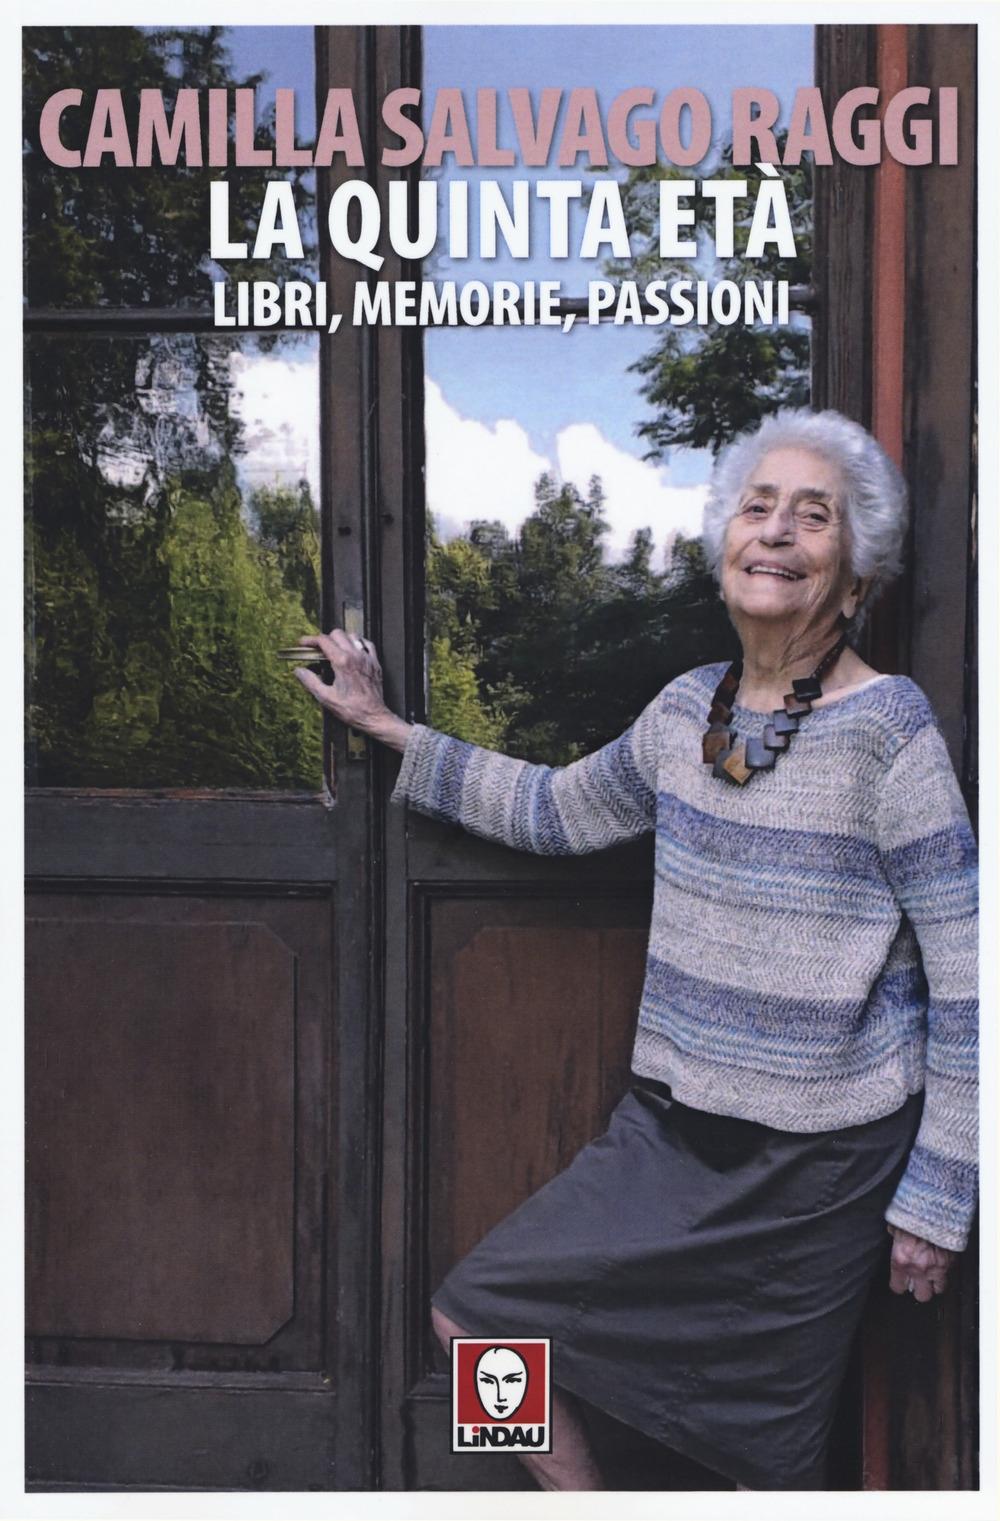 La quinta età. Libri, memorie, passioni. - Salvago Raggi Camilla